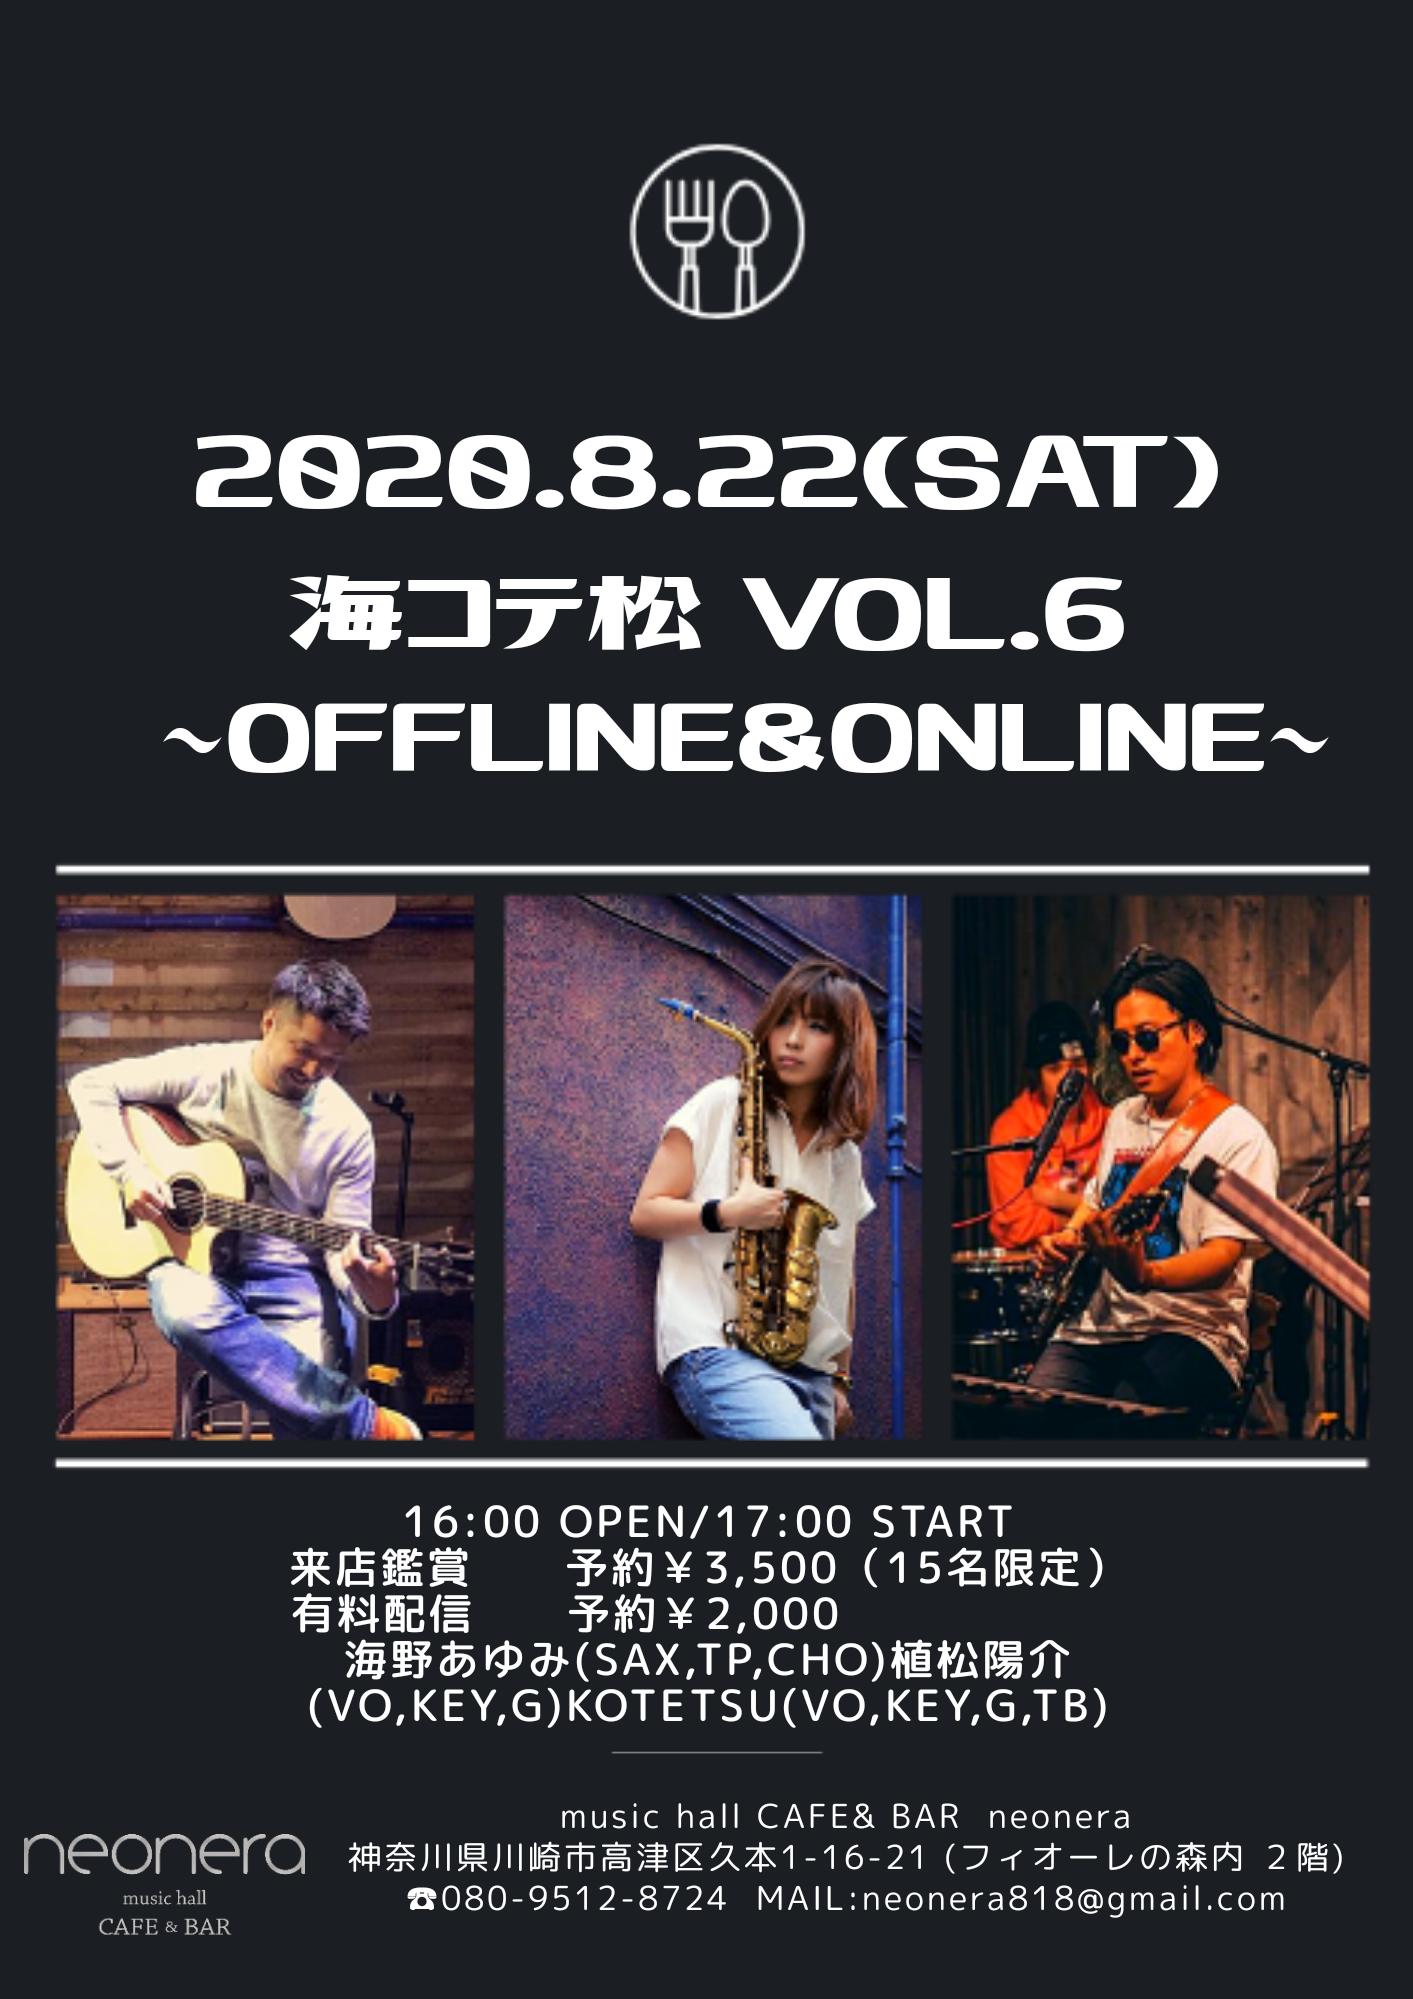 8月22日(土)海コテ松 vol.6